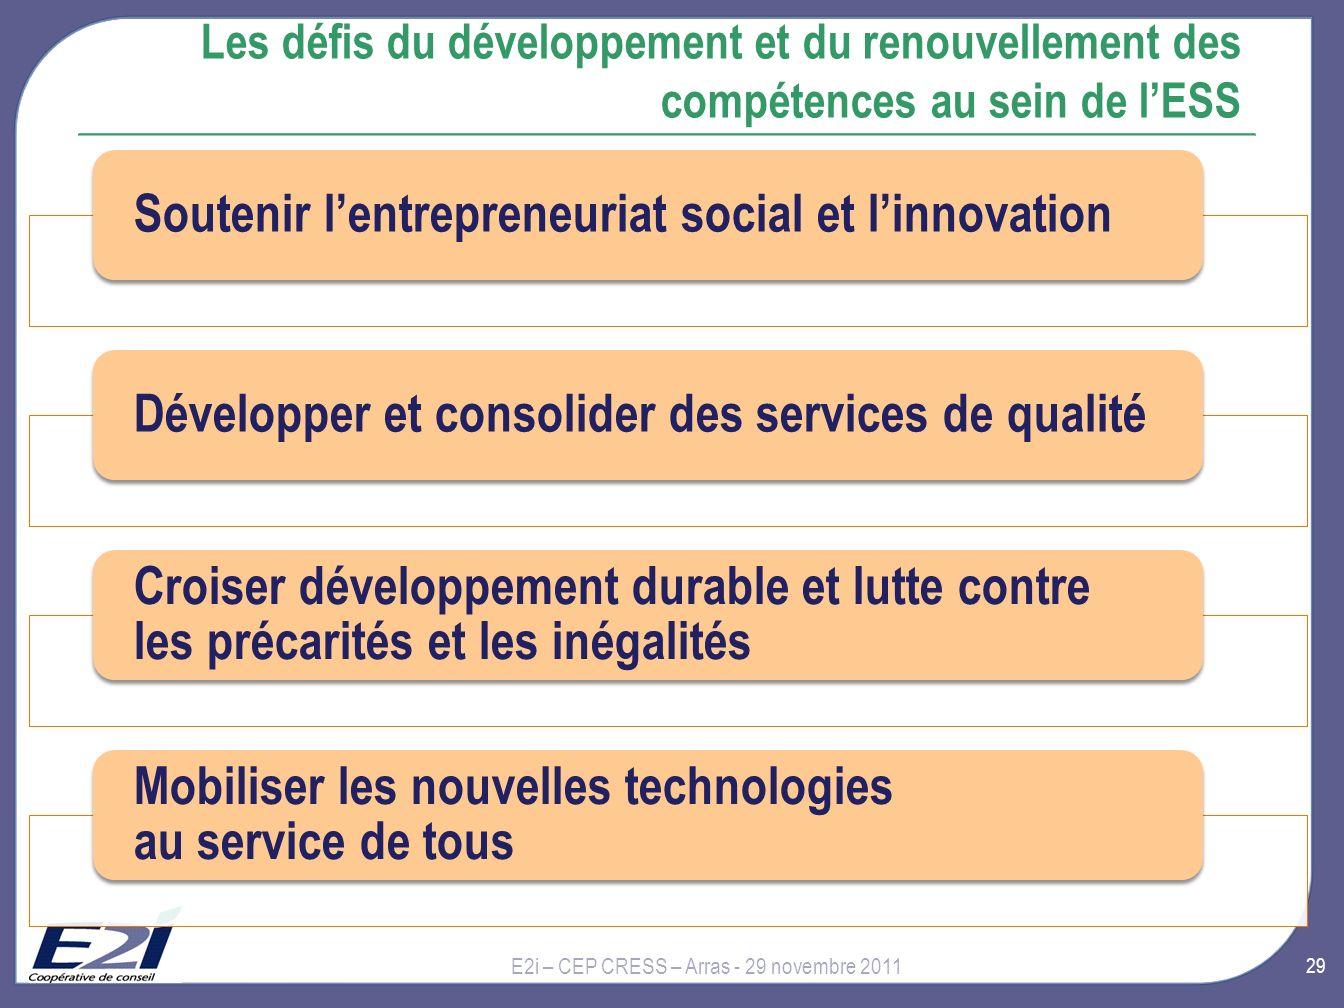 Soutenir l'entrepreneuriat social et l'innovation